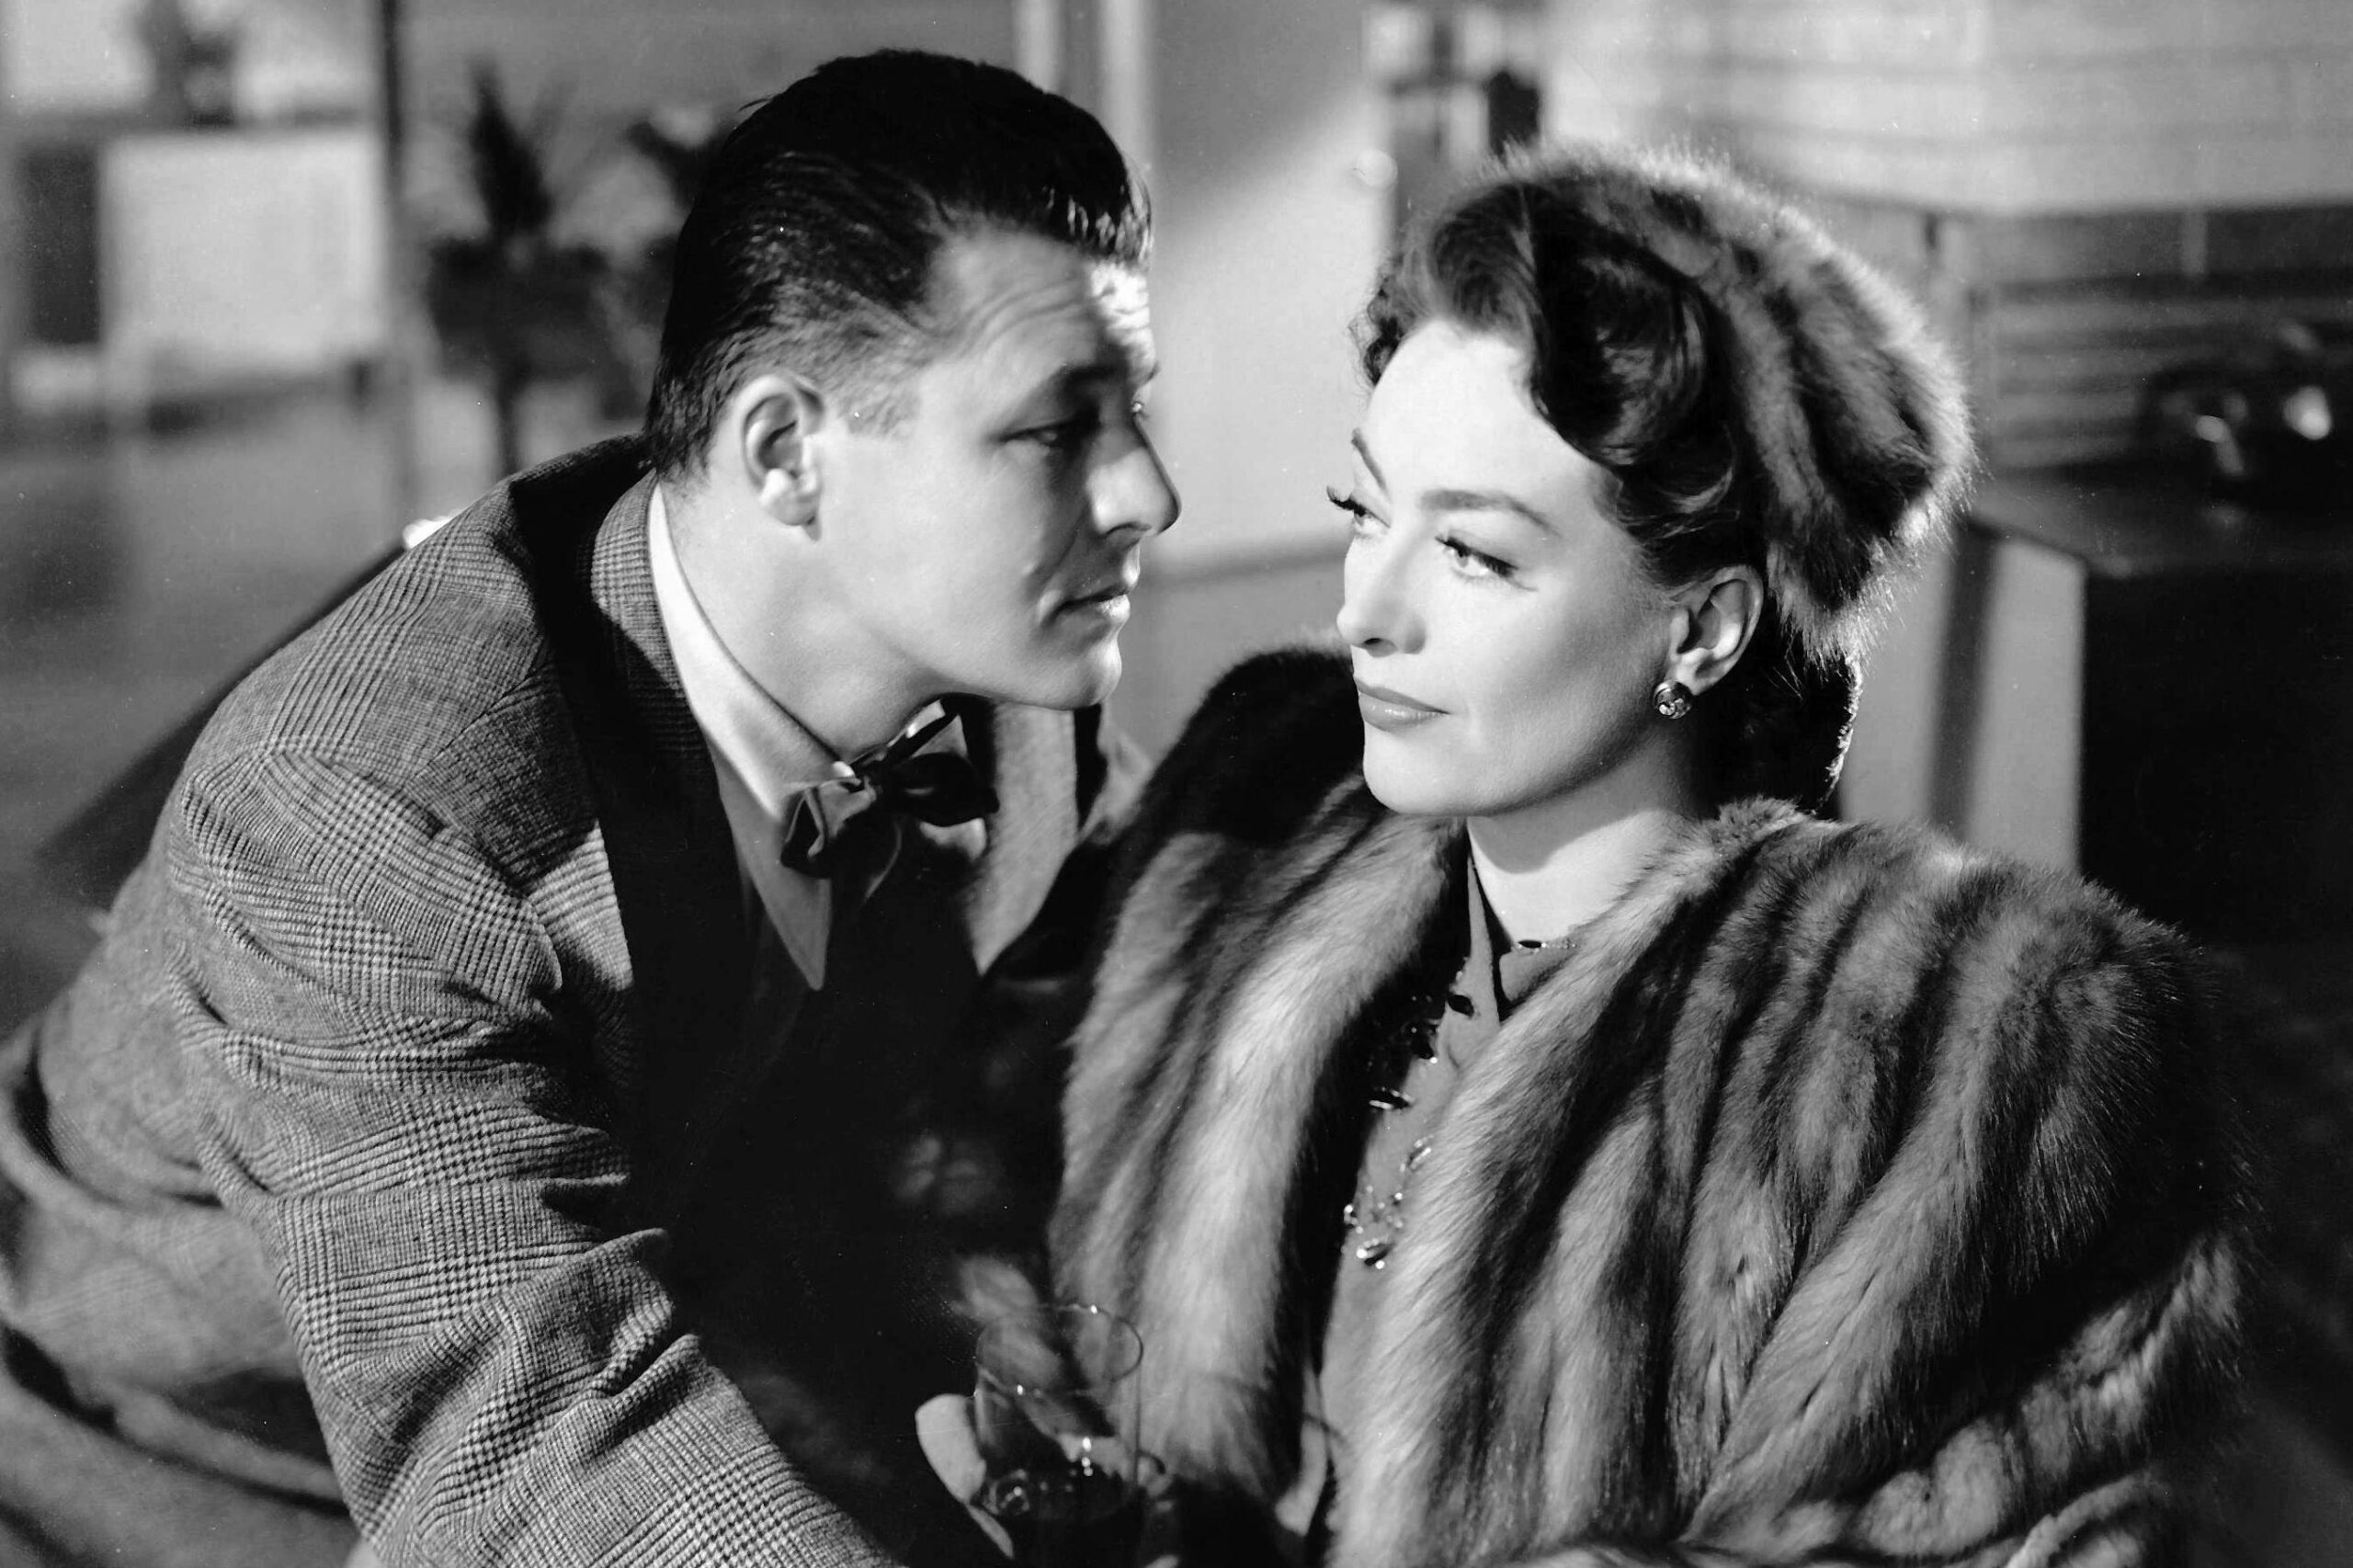 Filmoteca proyecta Alma en suplicio, película con la que Joan Crawford obtuvo el Óscar